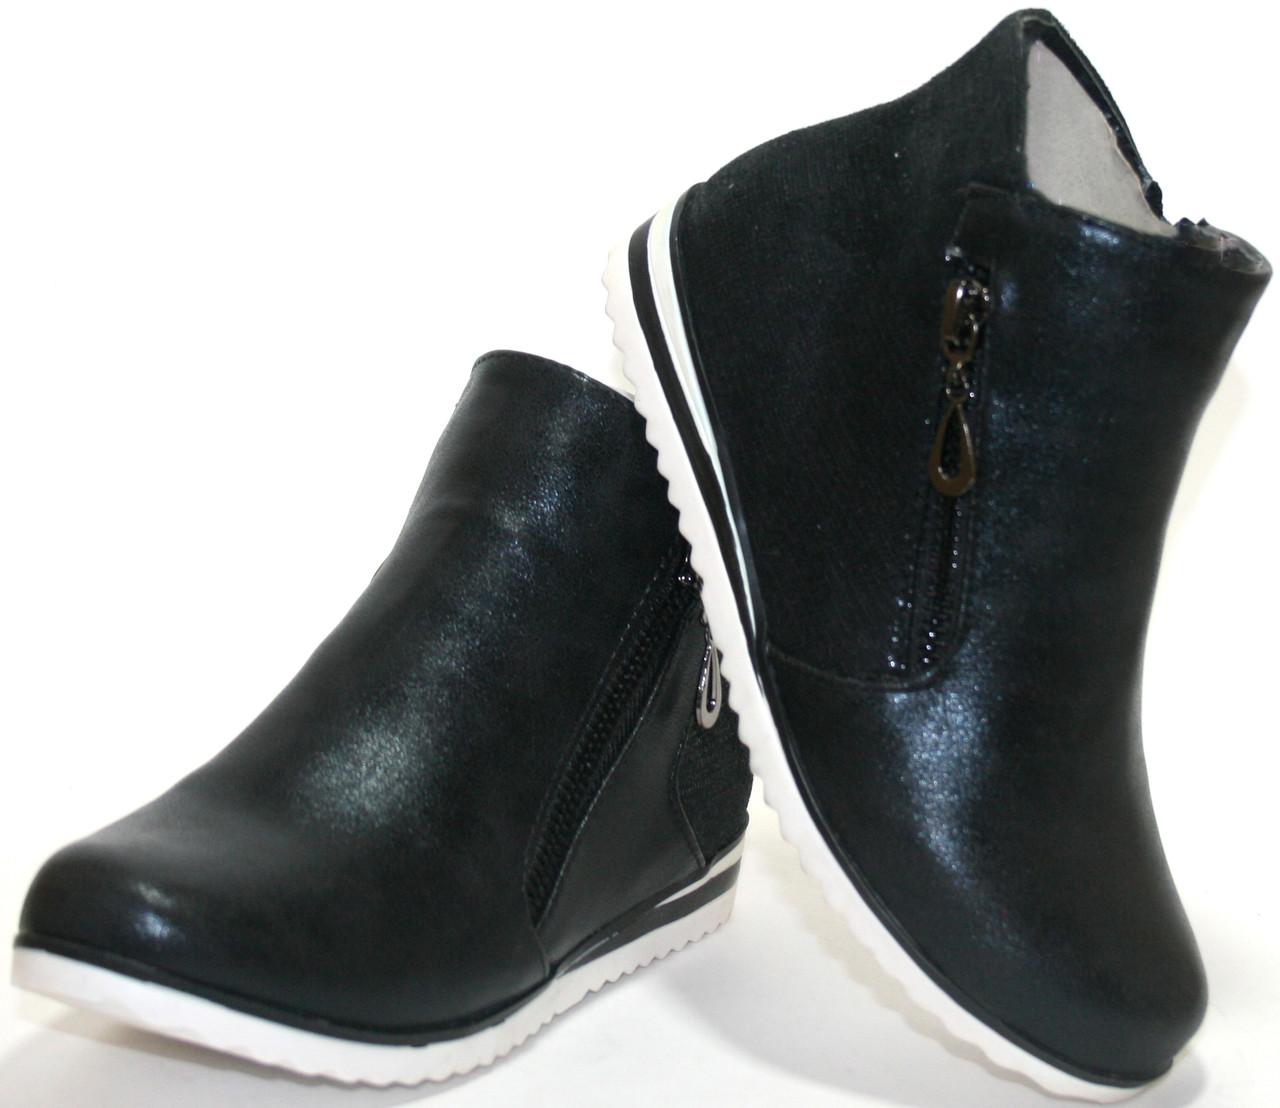 Дитячі черевики для дівчаток Badoxx Польща розміри 31